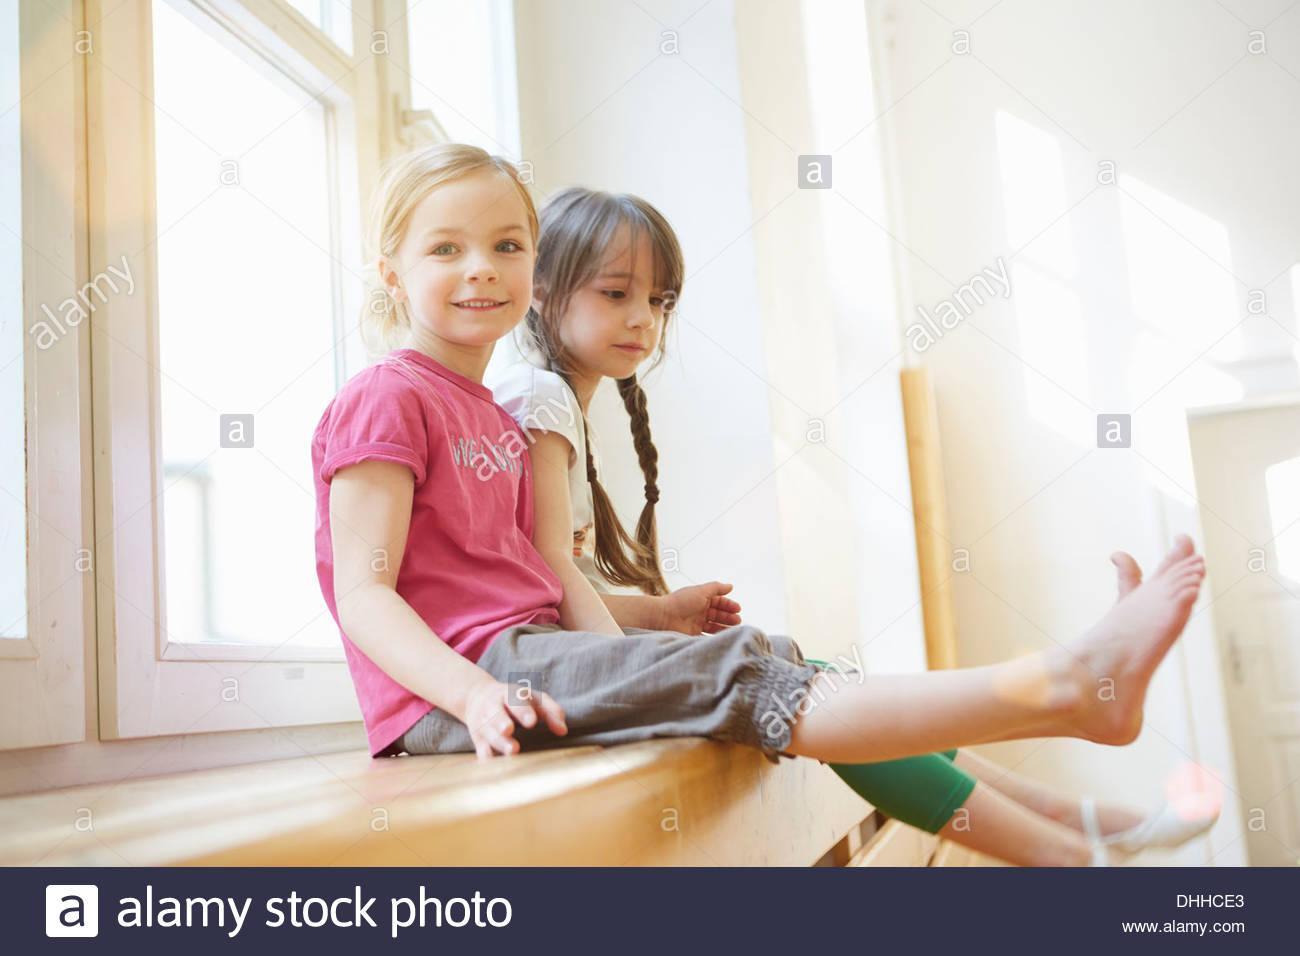 Les filles assis sur appareils en salle d'école Photo Stock